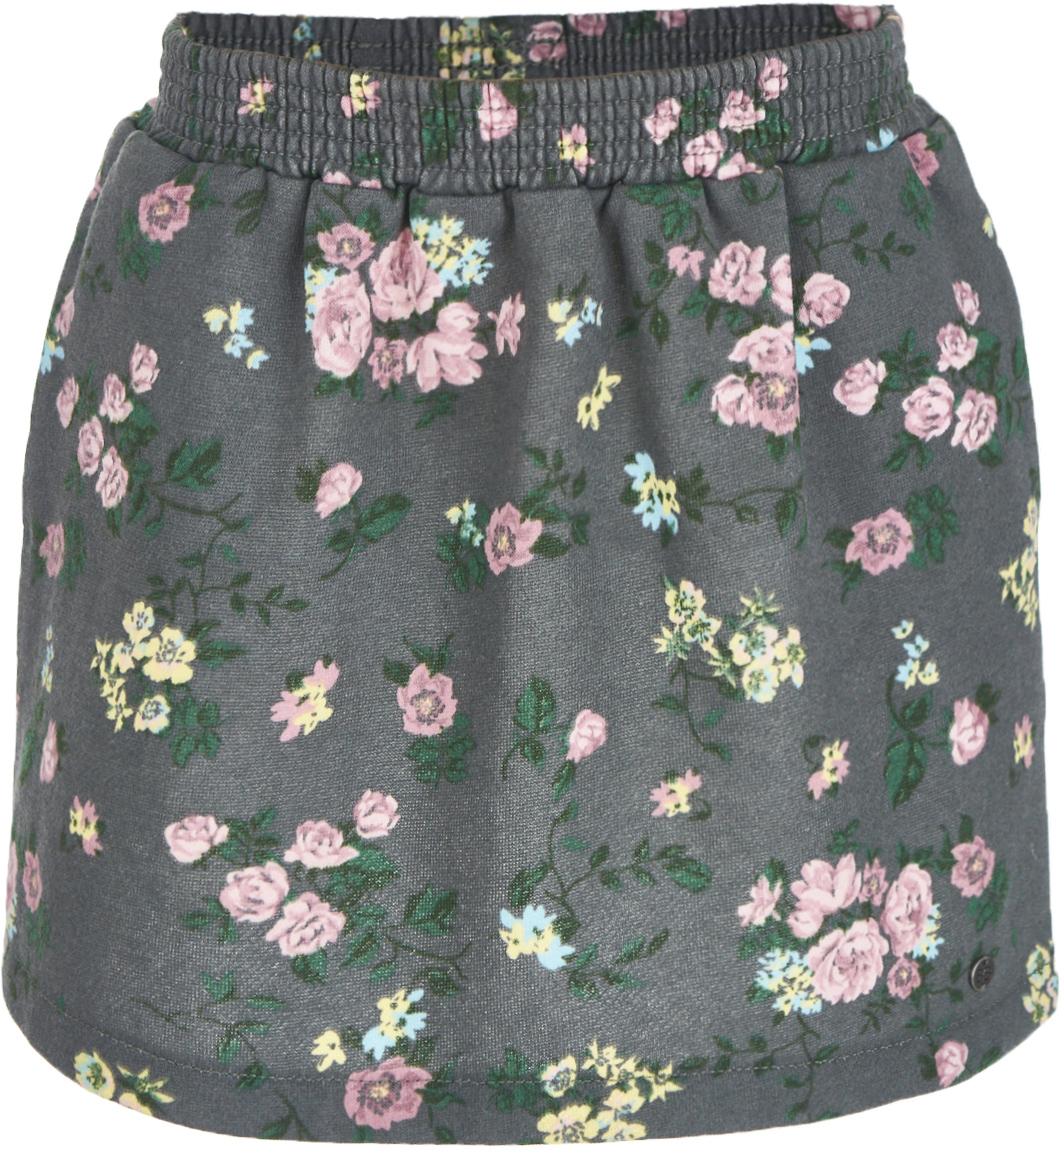 Юбка для девочки Button Blue, цвет: темно-серый. 217BBGC55012014. Размер 140, 10 лет217BBGC55012014Какой должна быть теплая юбка на каждый день? Модной, удобной, практичной! Именно такая юбка для девочки из мягкого футера с начесом сделает каждый день ребенка комфортным! Оптимальная длина, трапециевидный силуэт, пояс на резинке делают юбку очень удобной и для дома, и для детского сада, и для прогулок на свежем воздухе. Вы по-прежнему считаете, что недорогие детские юбки не могут выглядеть привлекательно? Юбка с цветочным рисунком от Button Blue развеет этот миф!